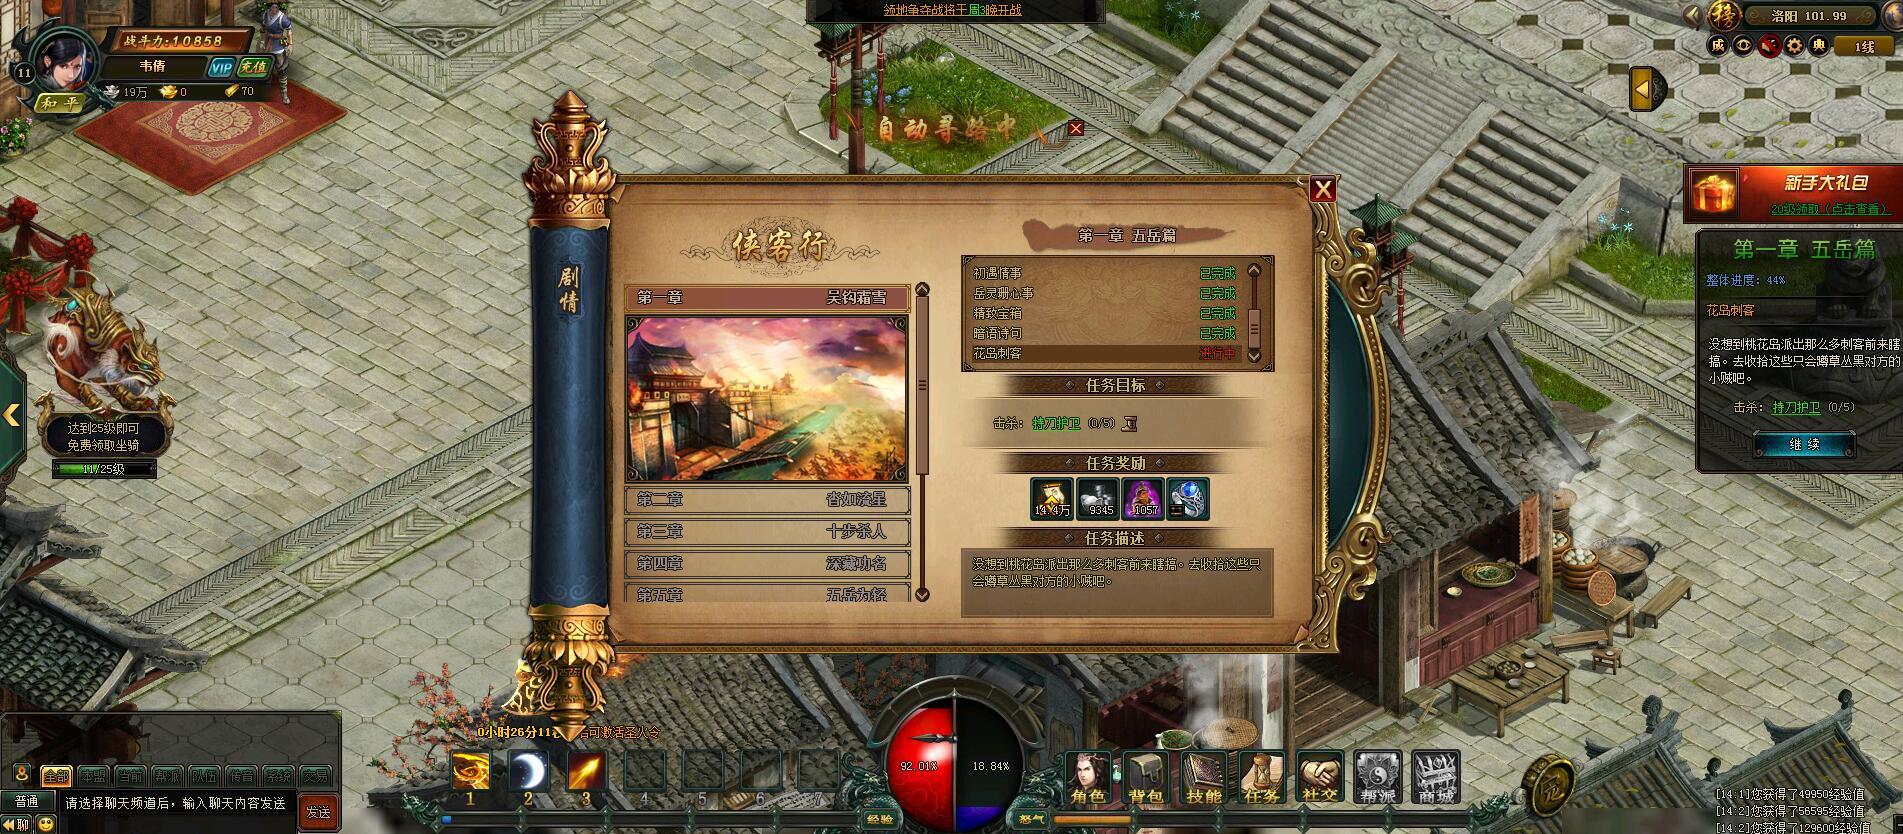 《止戈江湖》游戏截图